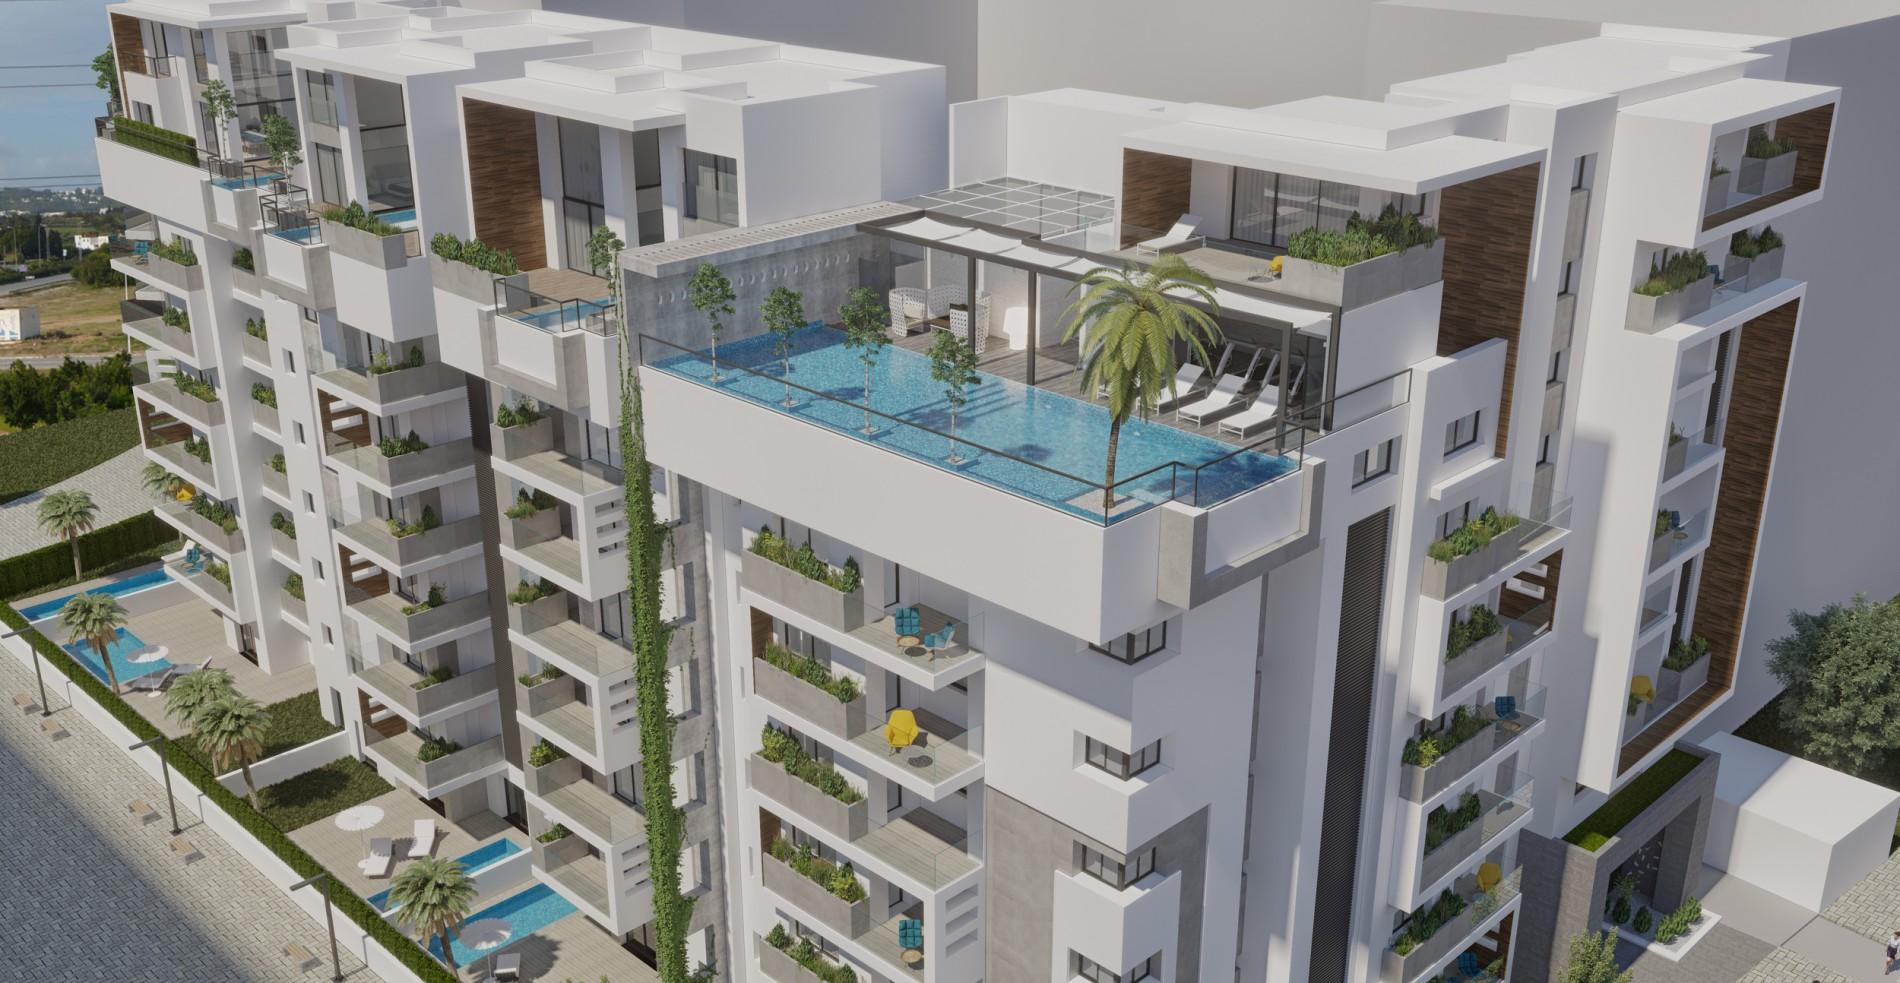 comment acheter un bien immobilier en tunisie cabinet avocat brahim latrech. Black Bedroom Furniture Sets. Home Design Ideas